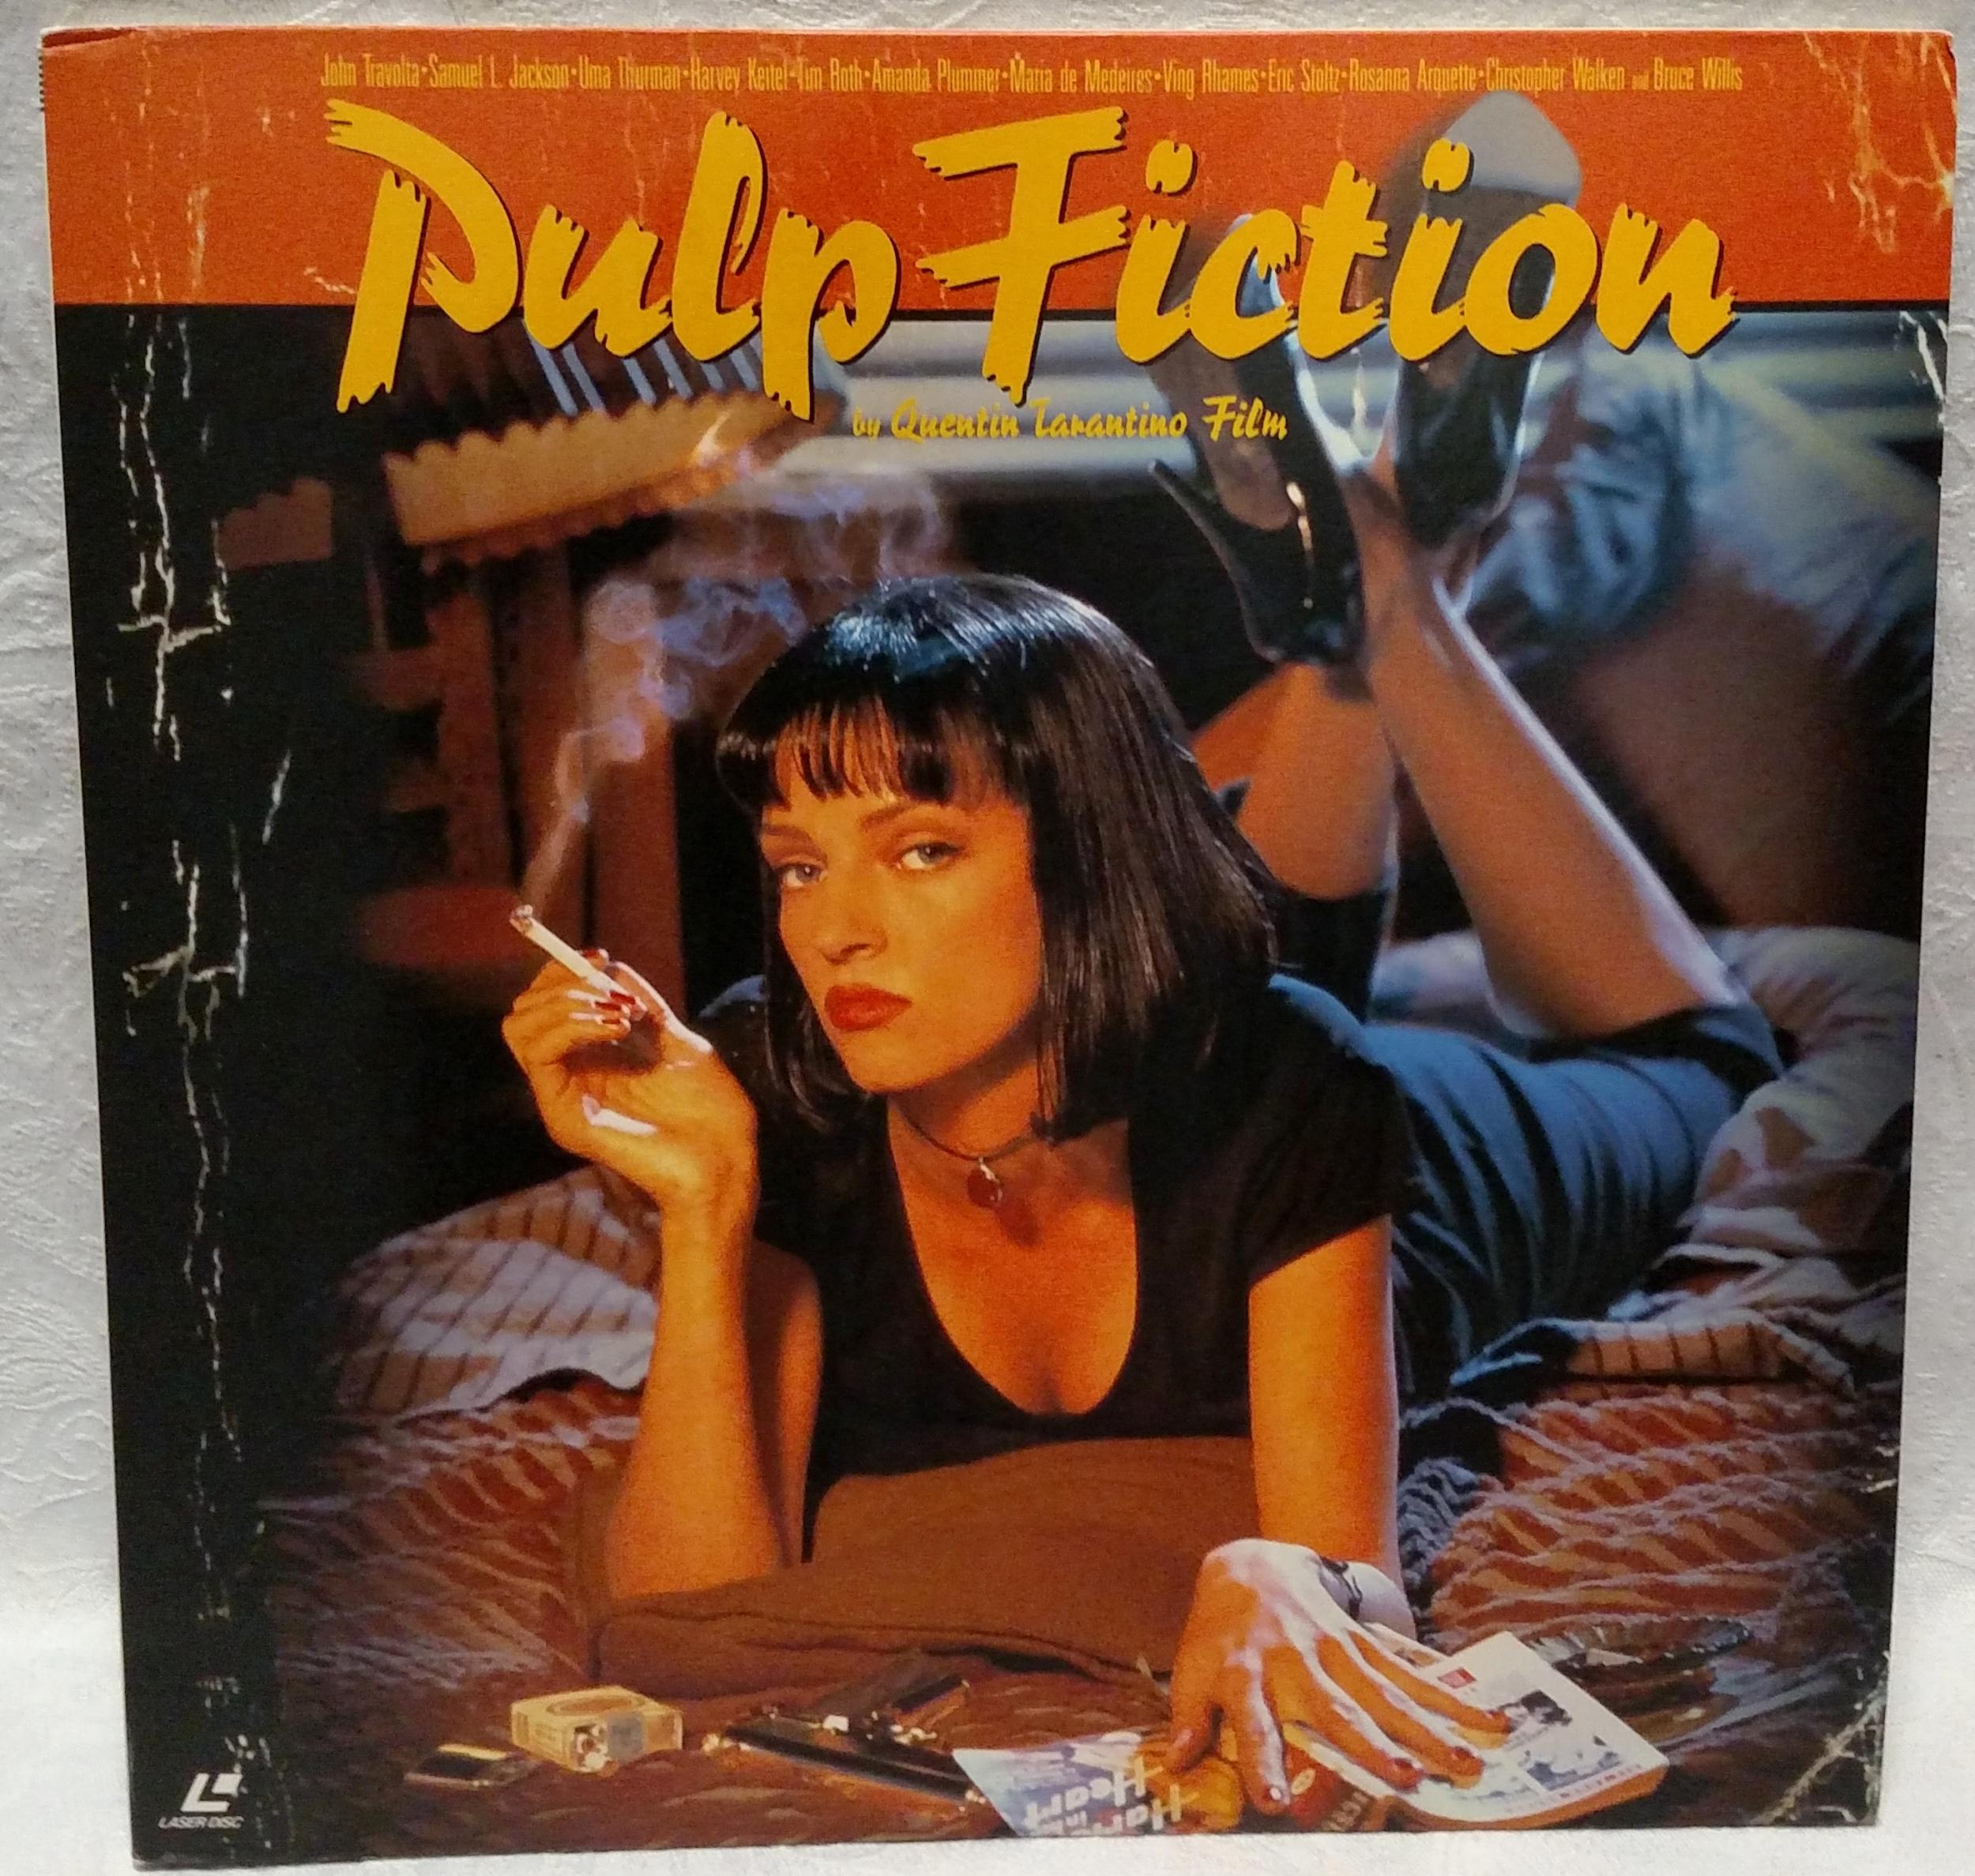 Pulp Fiction Japanese Laserdisc Front